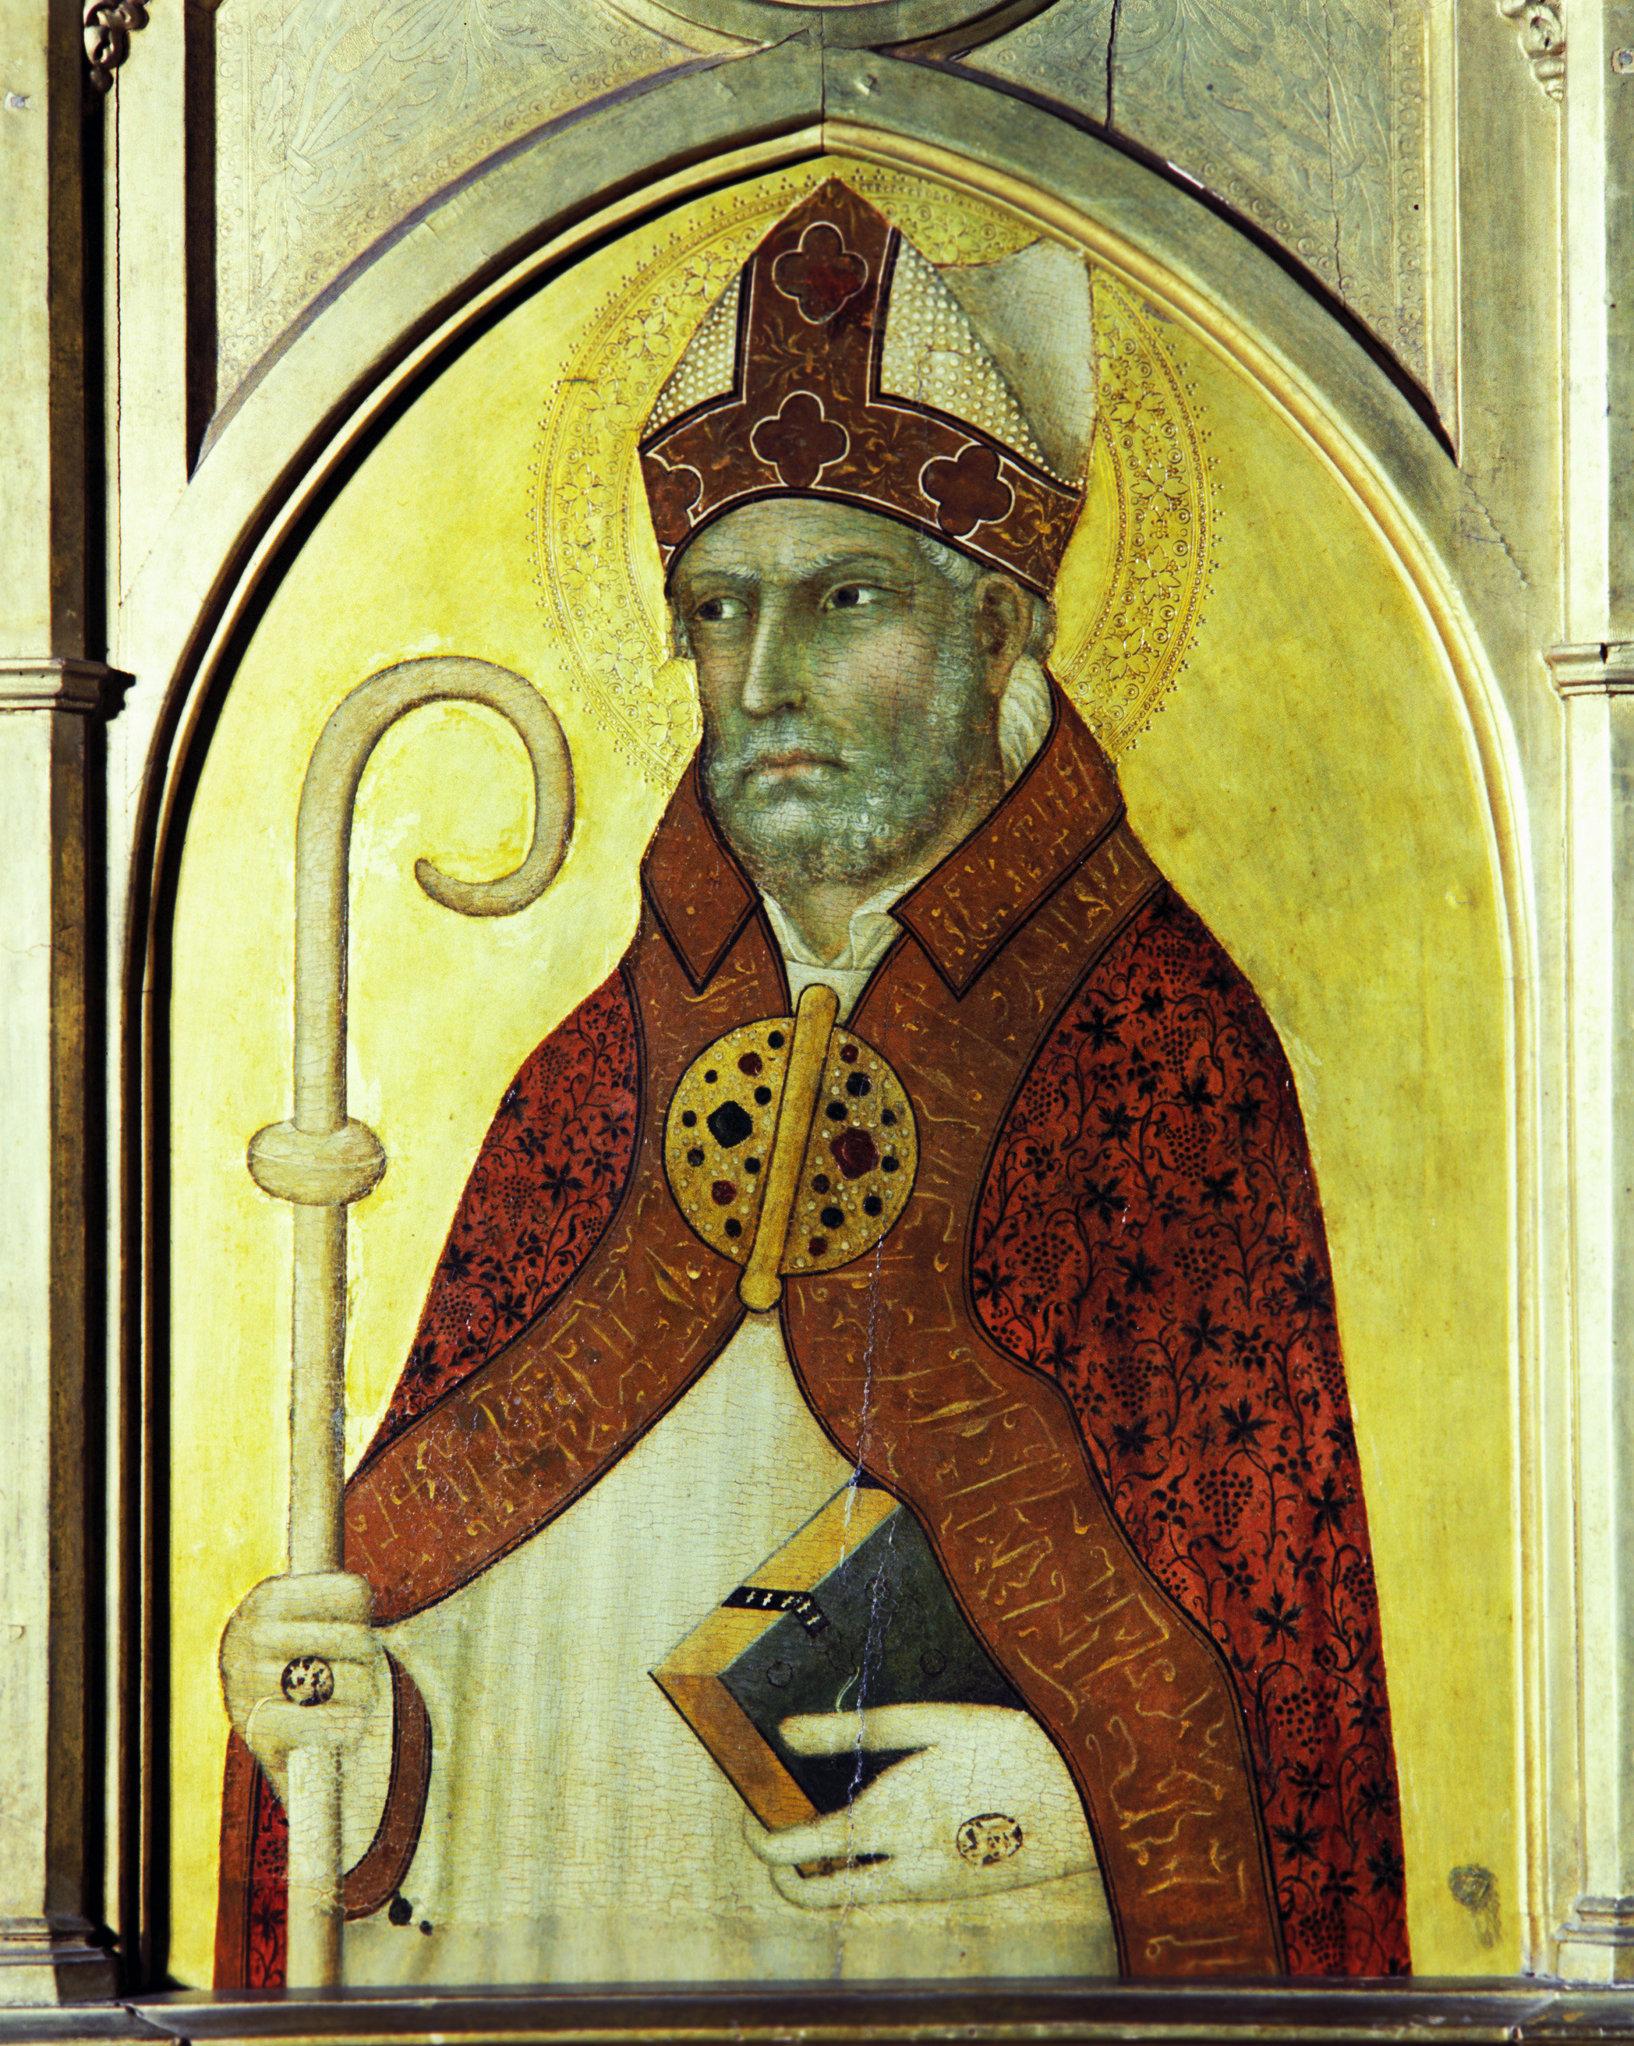 Икона с изображением Блаженного Августина